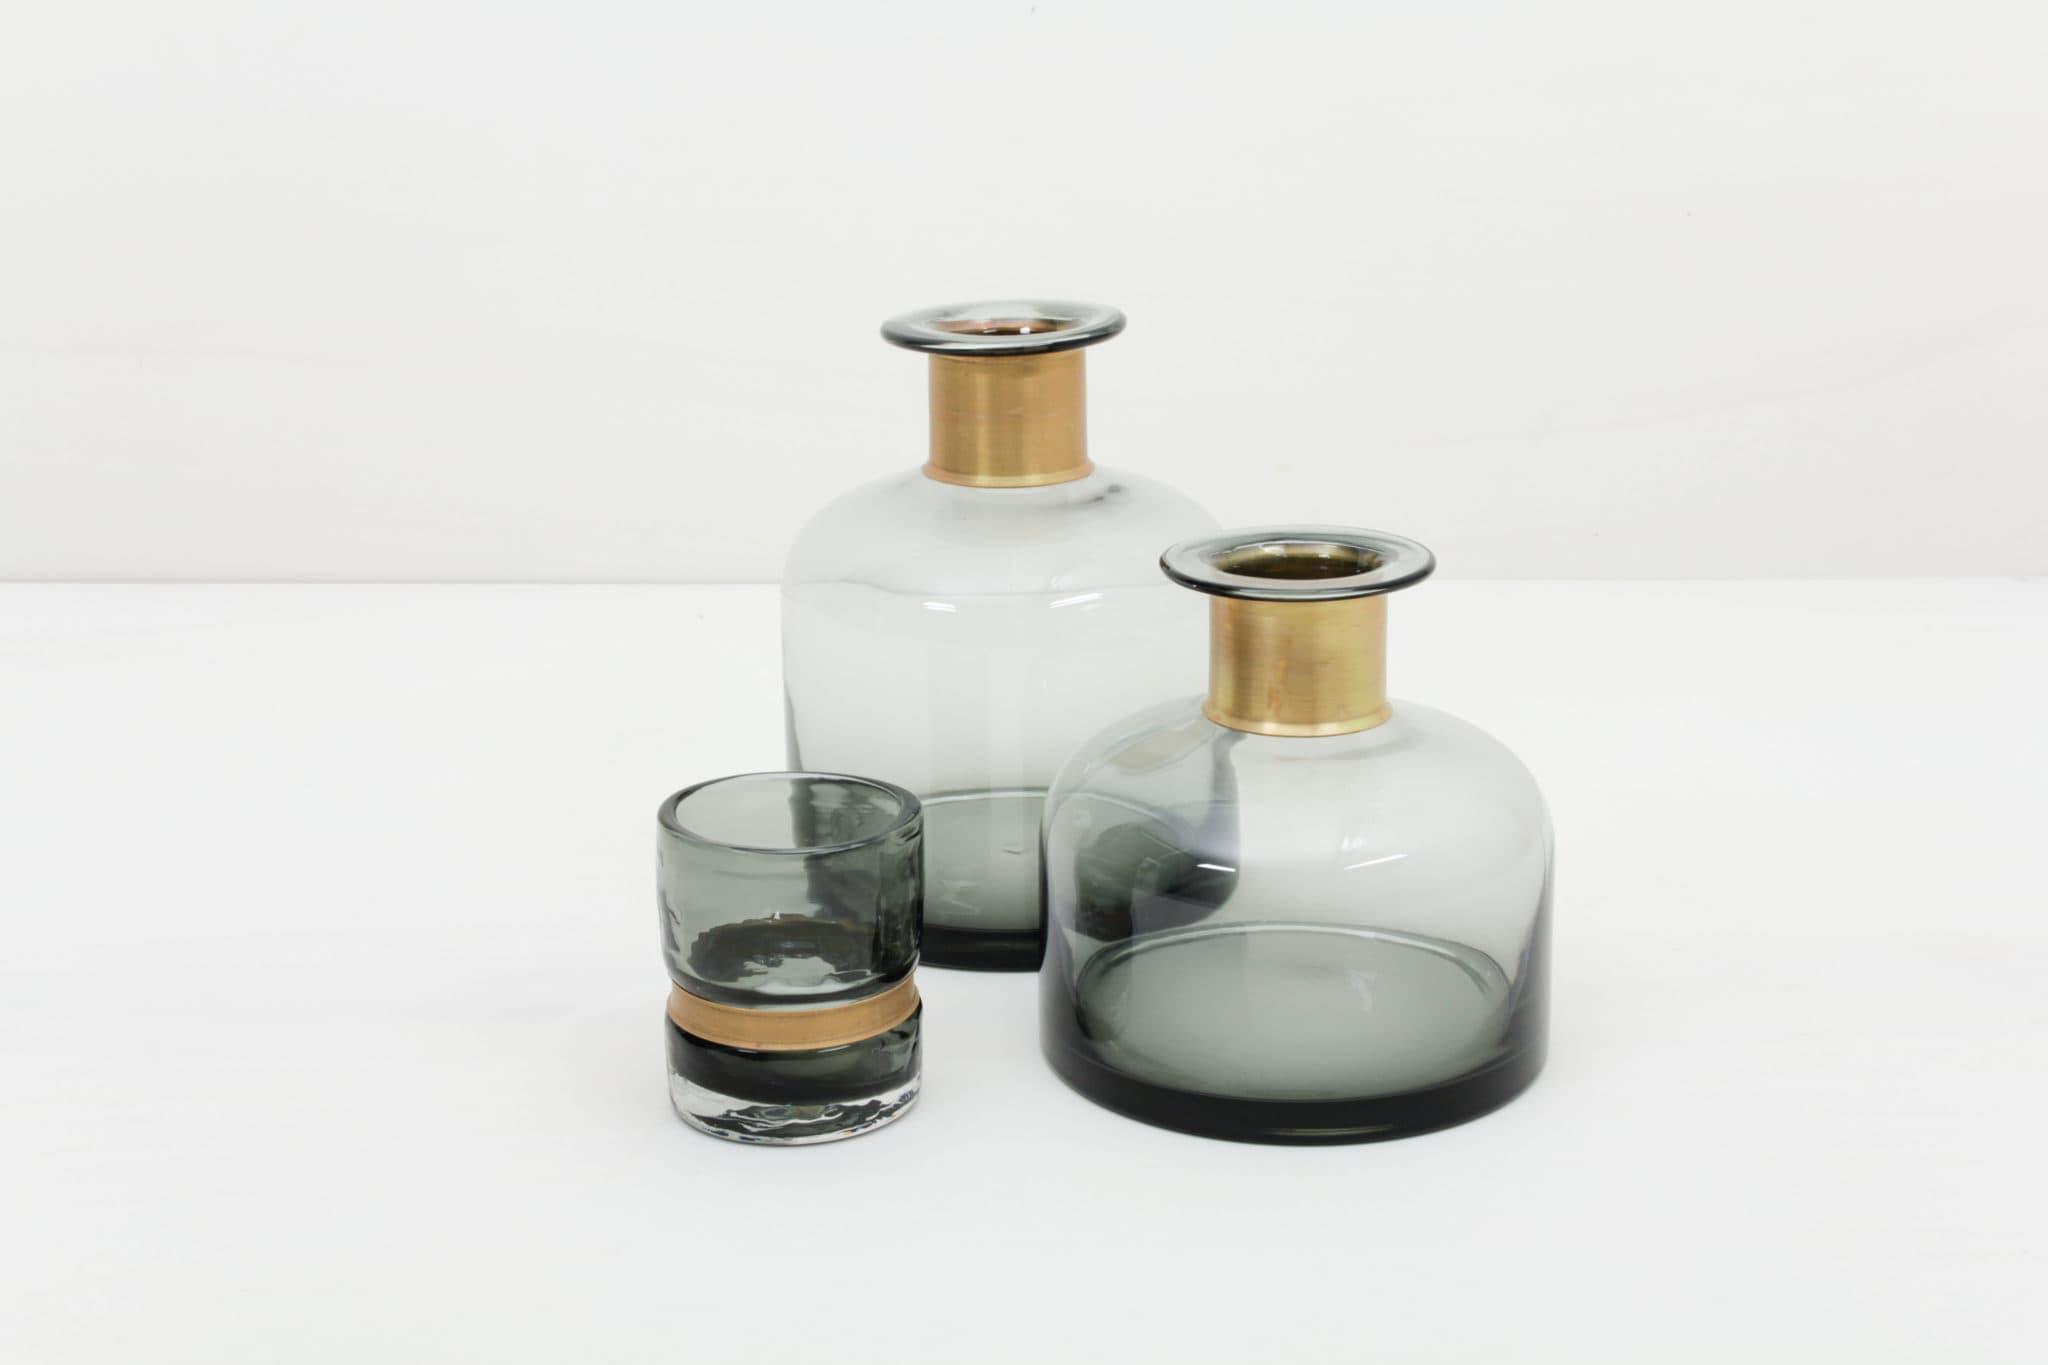 Hochzeitdeko und Tischdekoration mieten, Vasen und Flaschenvasen